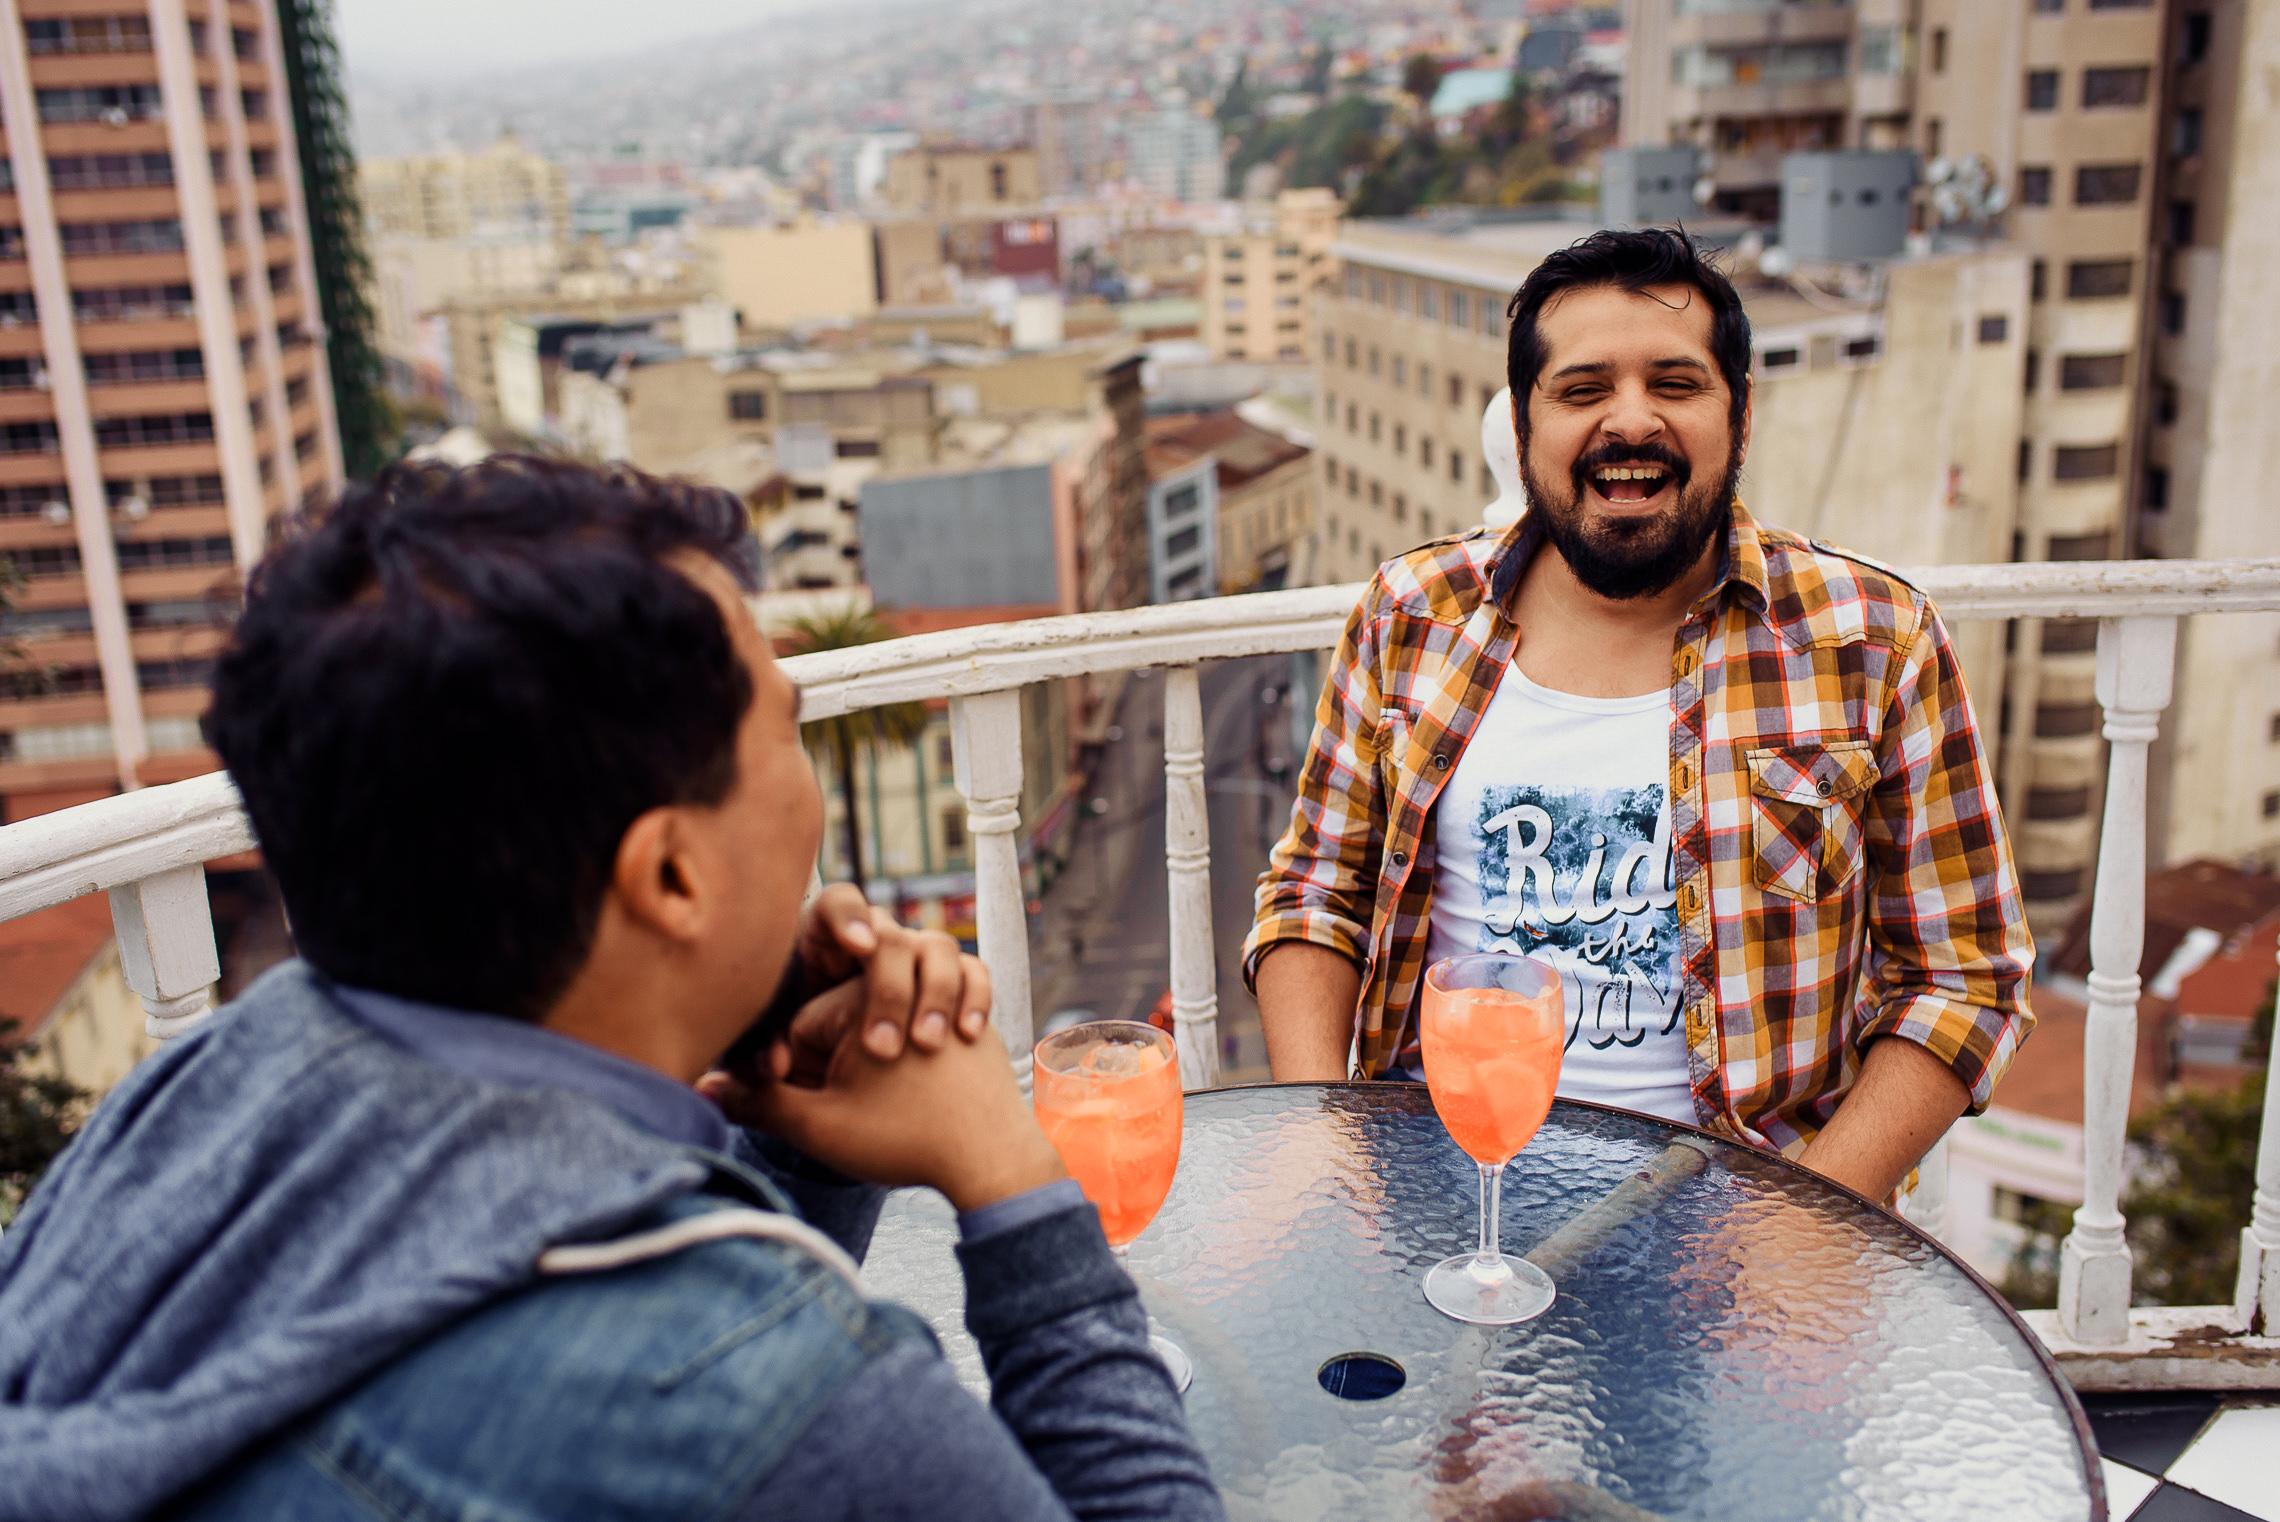 ruben-felipe-preboda-valparaiso-union-civil-matrimonio-gay-deborah-dantzoff-fotografia-artistica 125